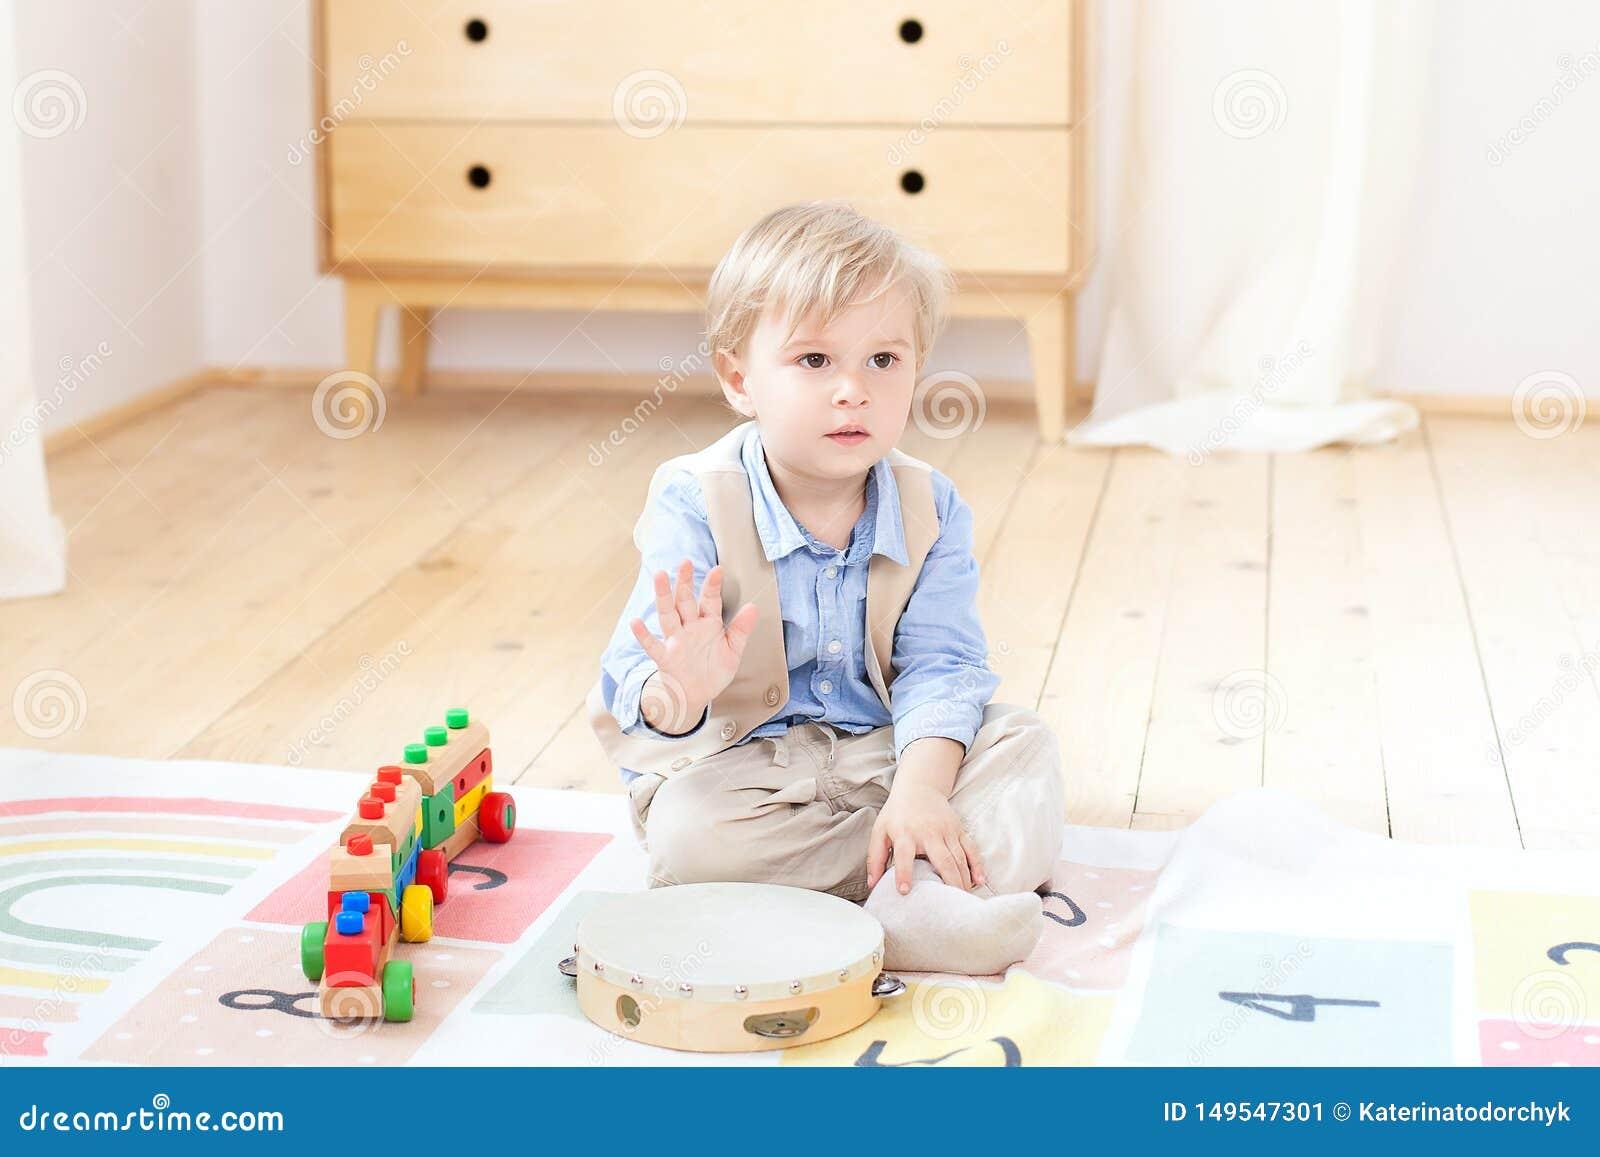 El muchacho juega con un tambor de madera musical y un tren Juguetes de madera educativos para el niño Retrato de un muchacho que